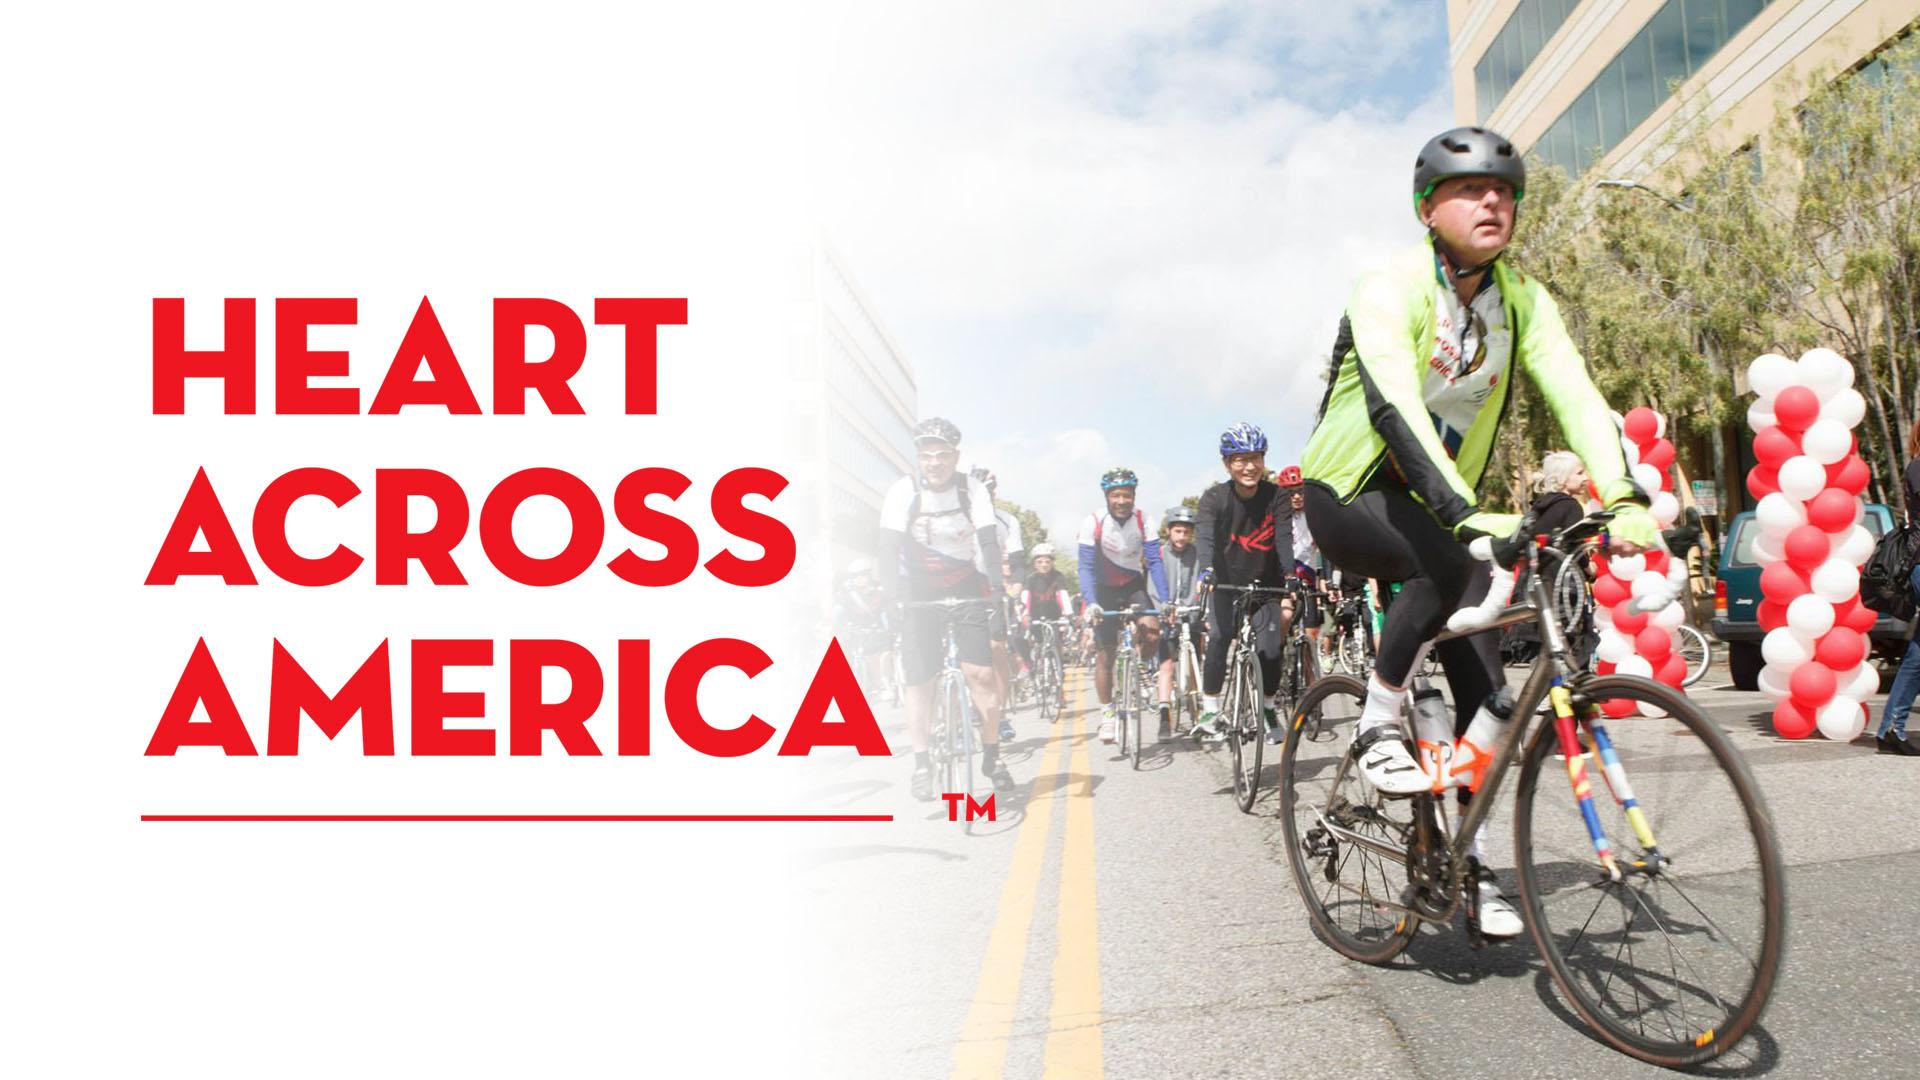 Heart Across America